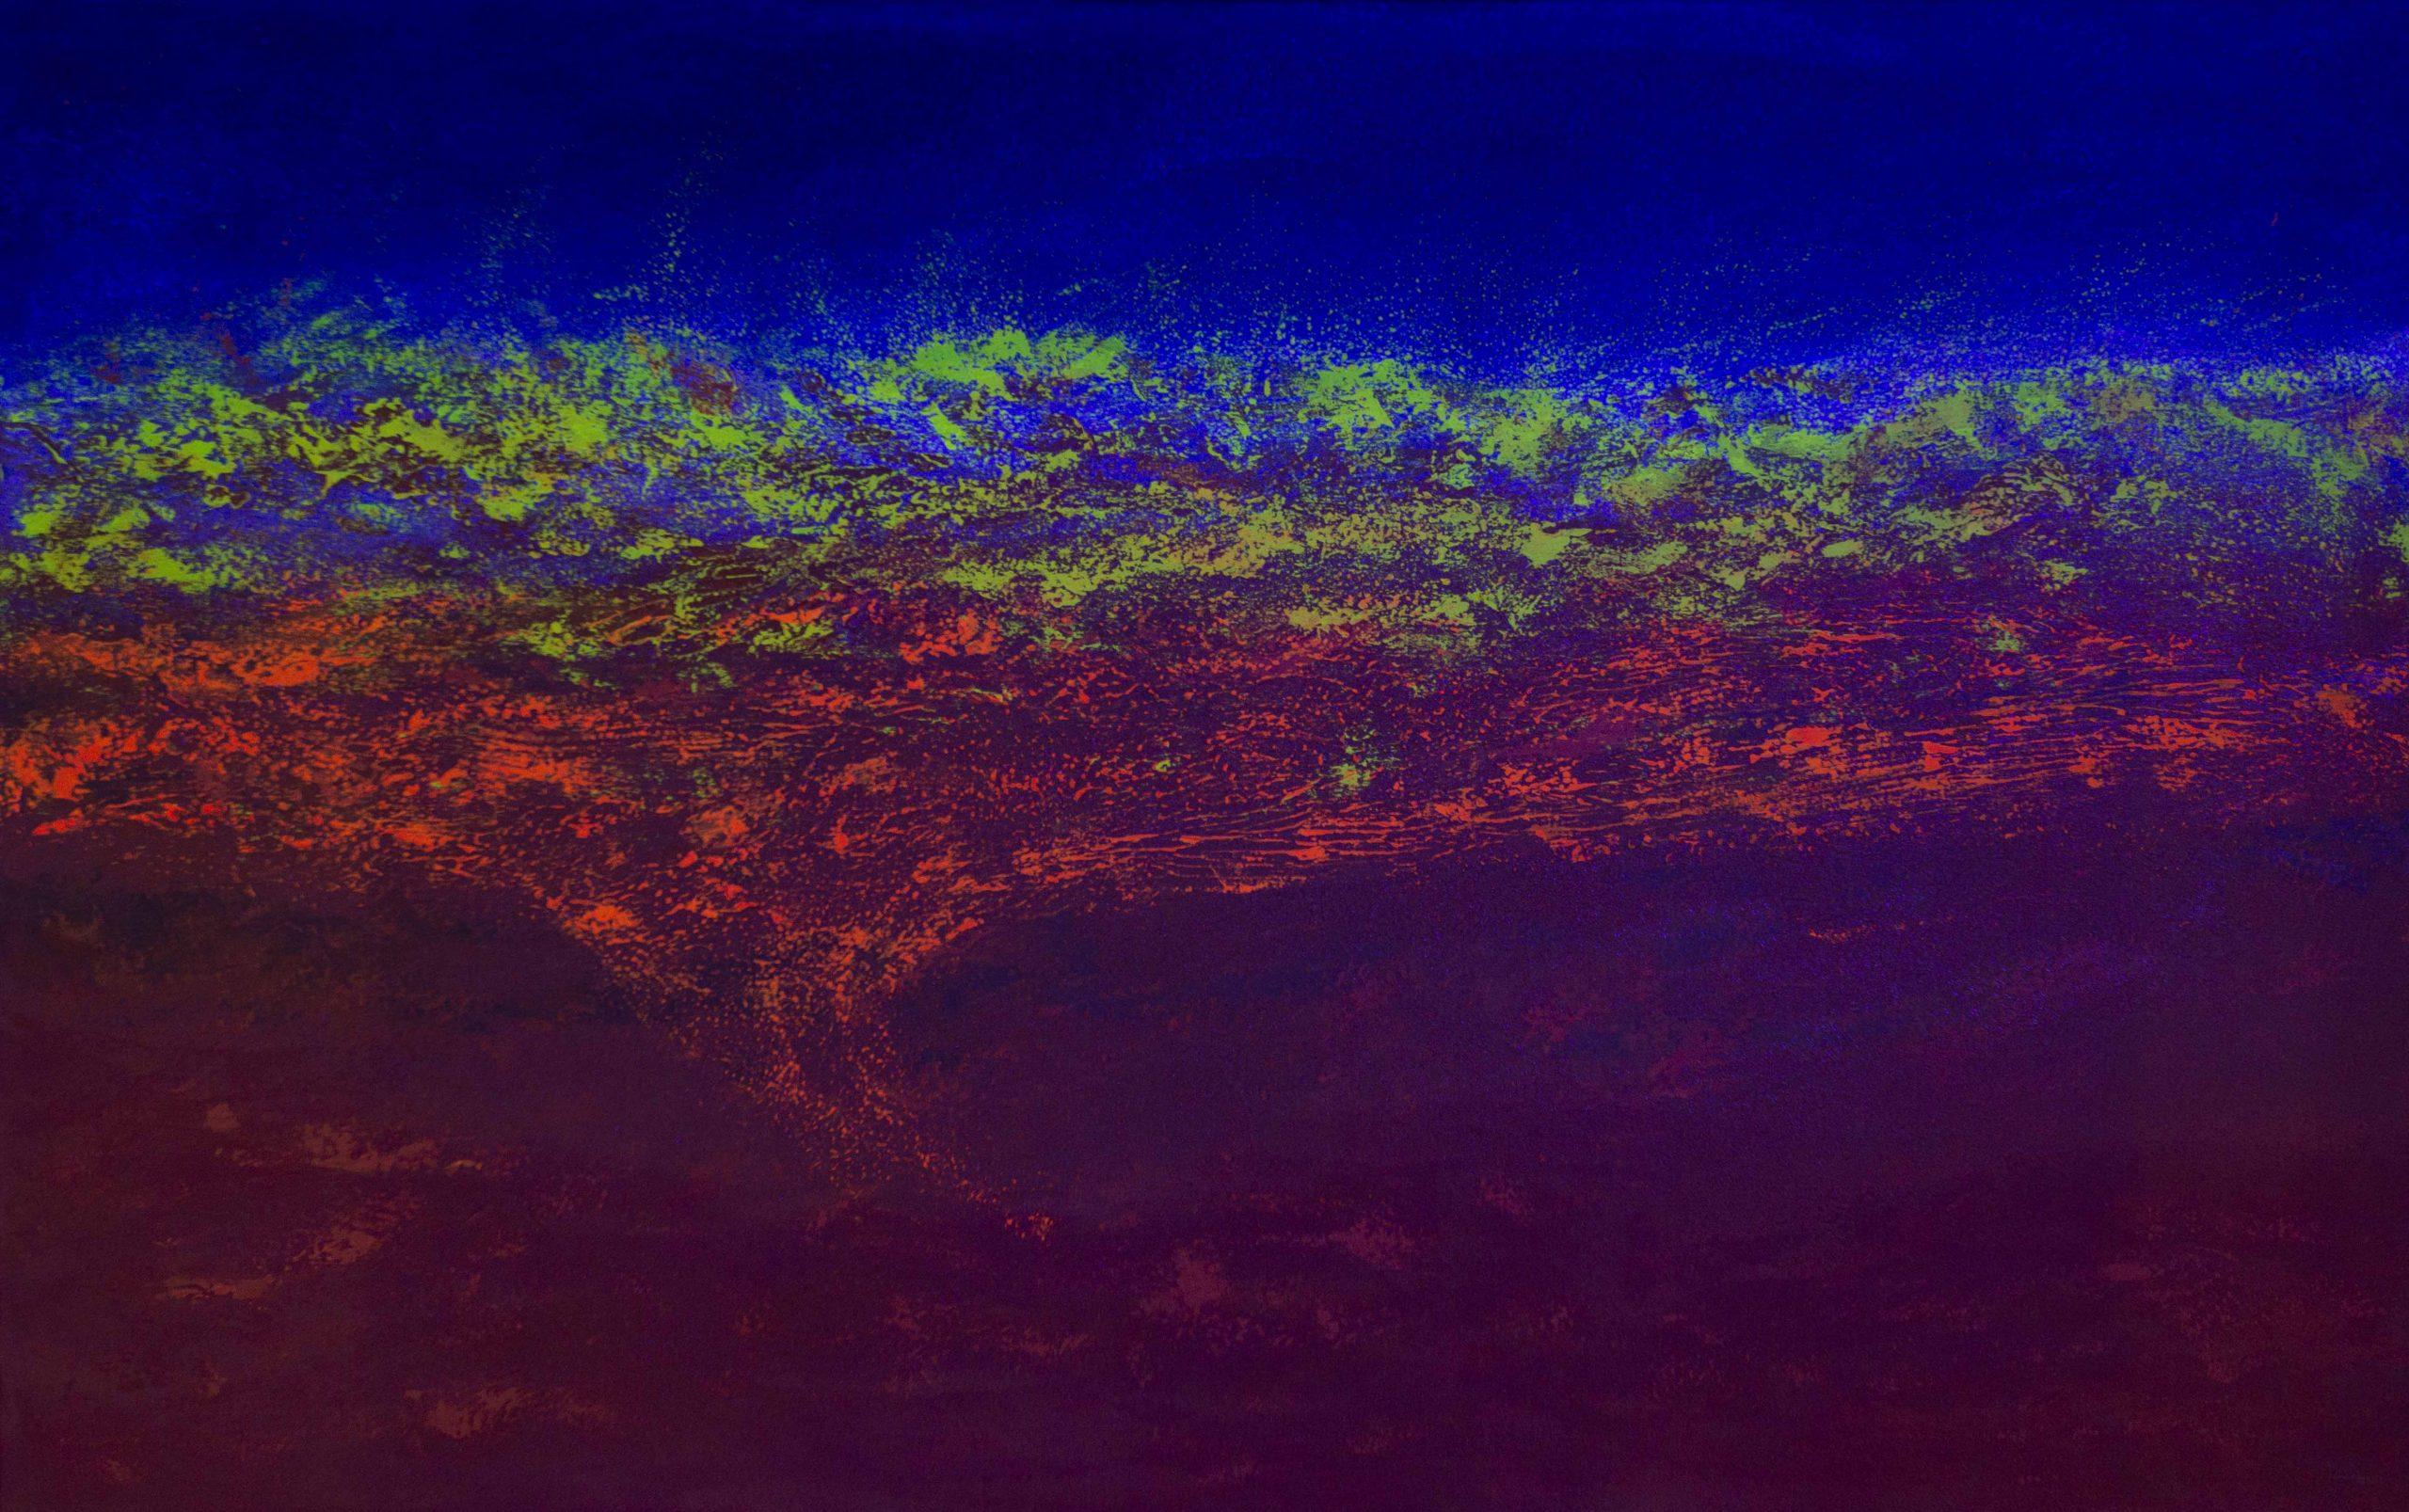 Acrílica sobre tela - 96 x 155 cm - c/ projeção de luz azul (2019)